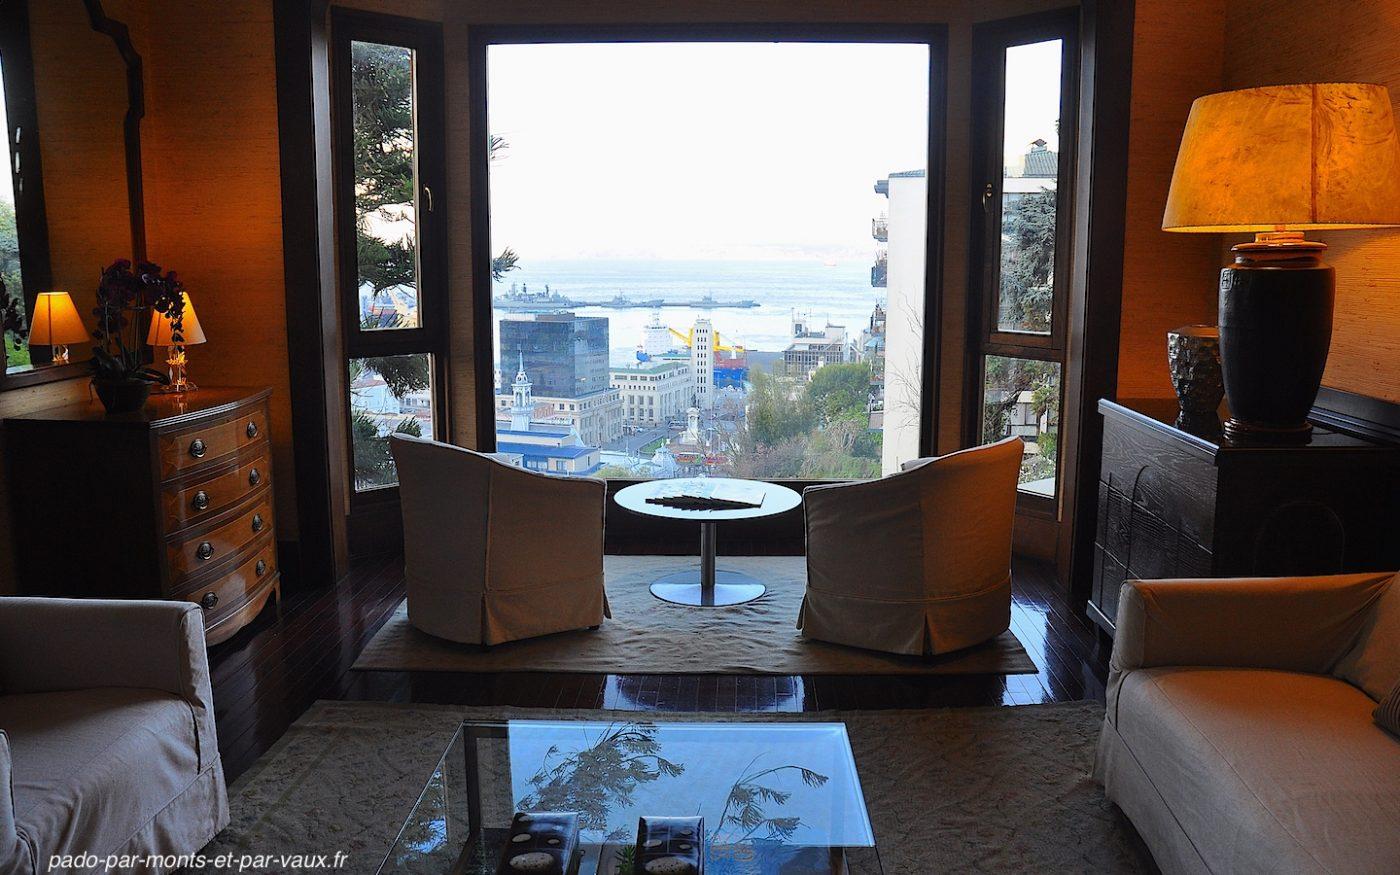 Valparaiso - hôtel Casa Higueras